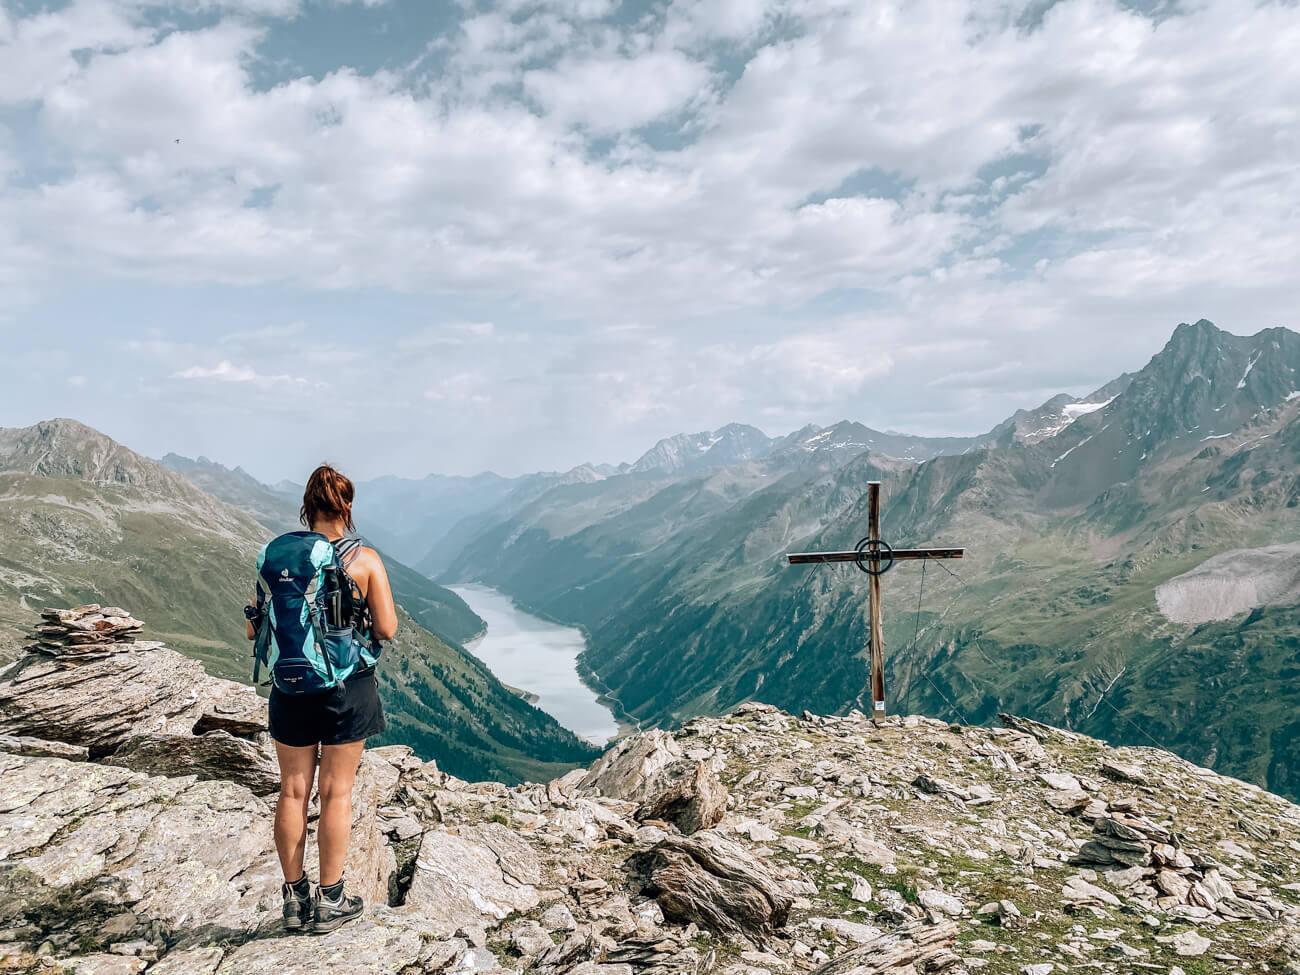 Ausblick vom Nörderberg auf den Gepatsch Stausee im Kaunertal